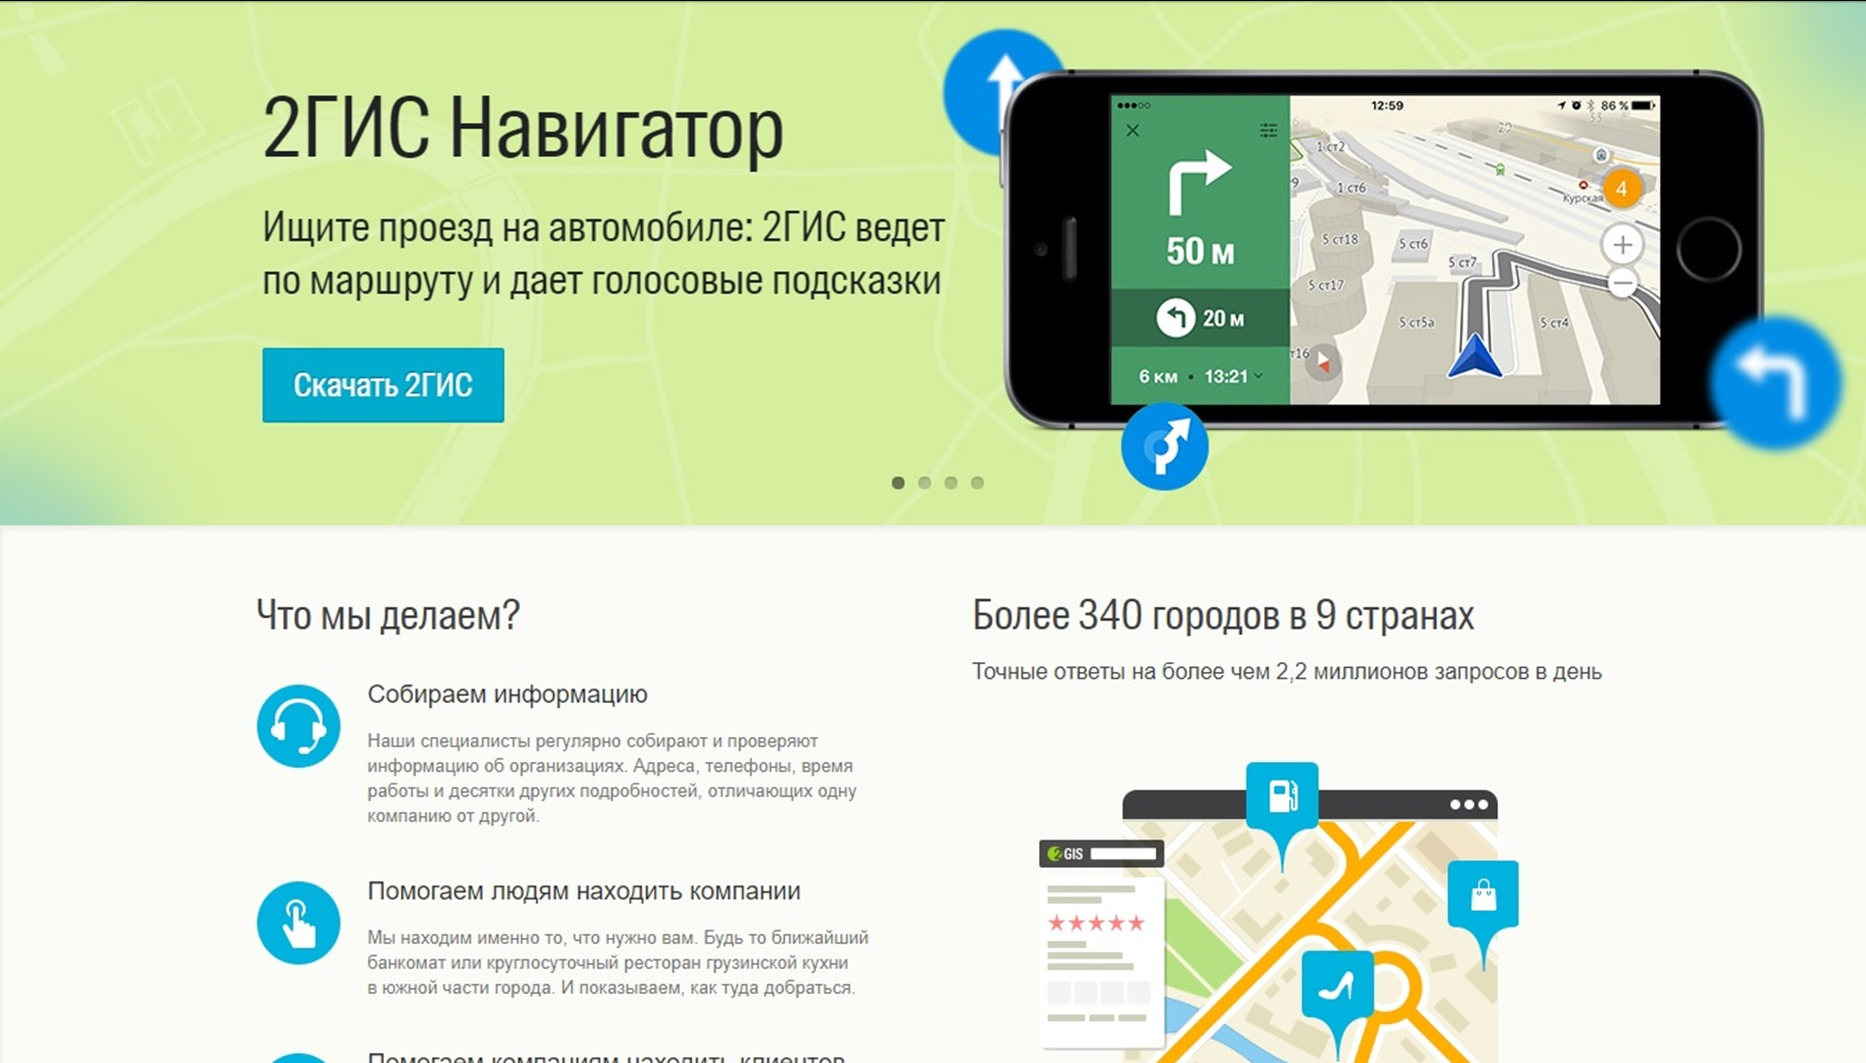 Обзор картографического сервиса 2GIS